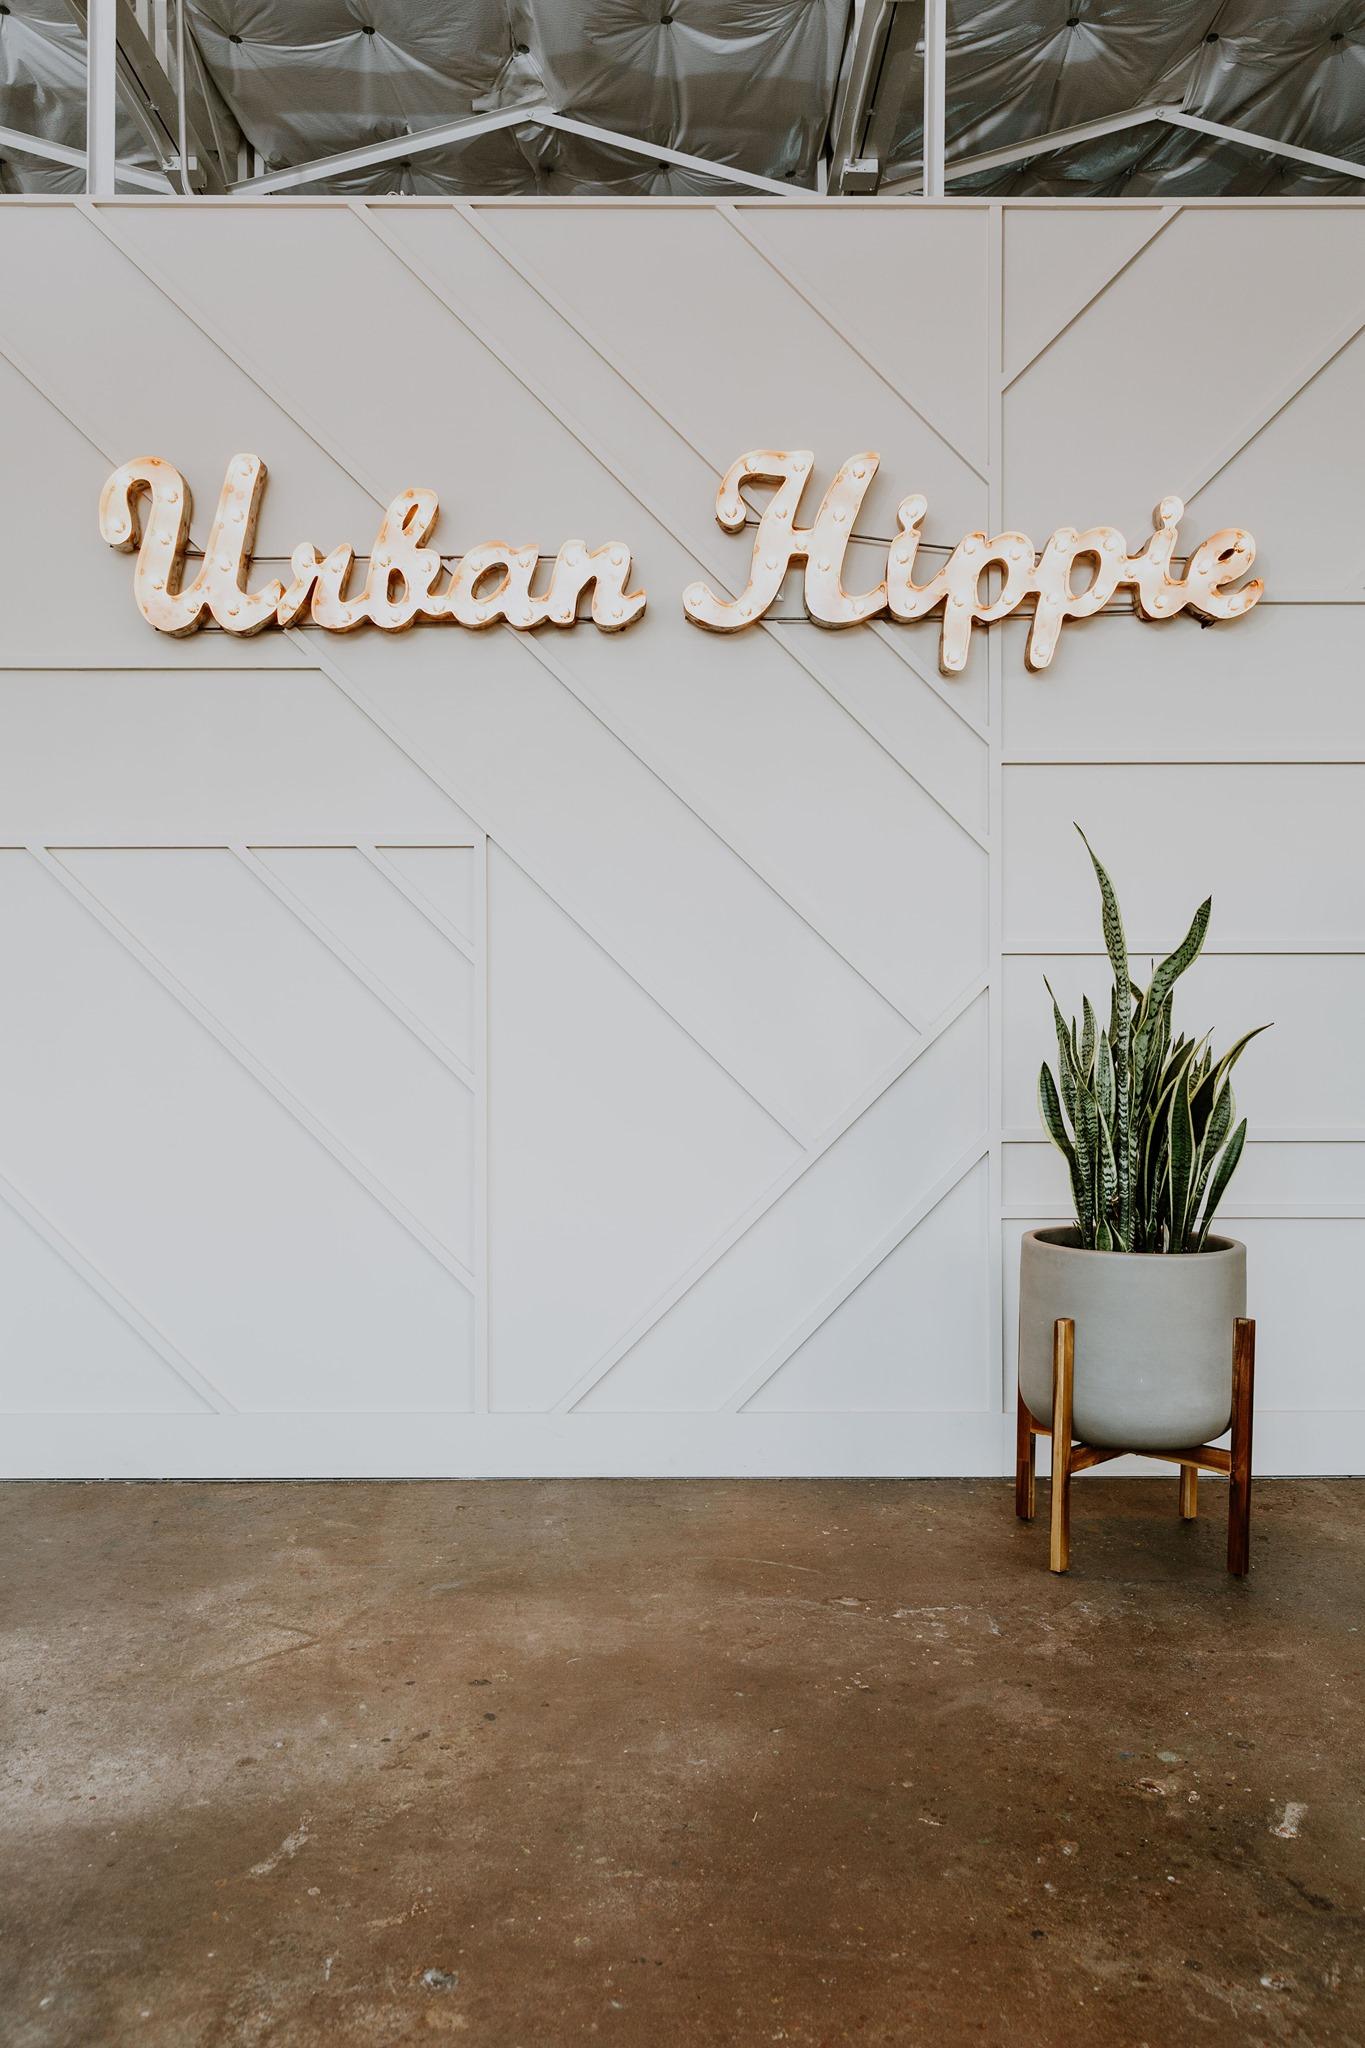 About Urban Hippie 9